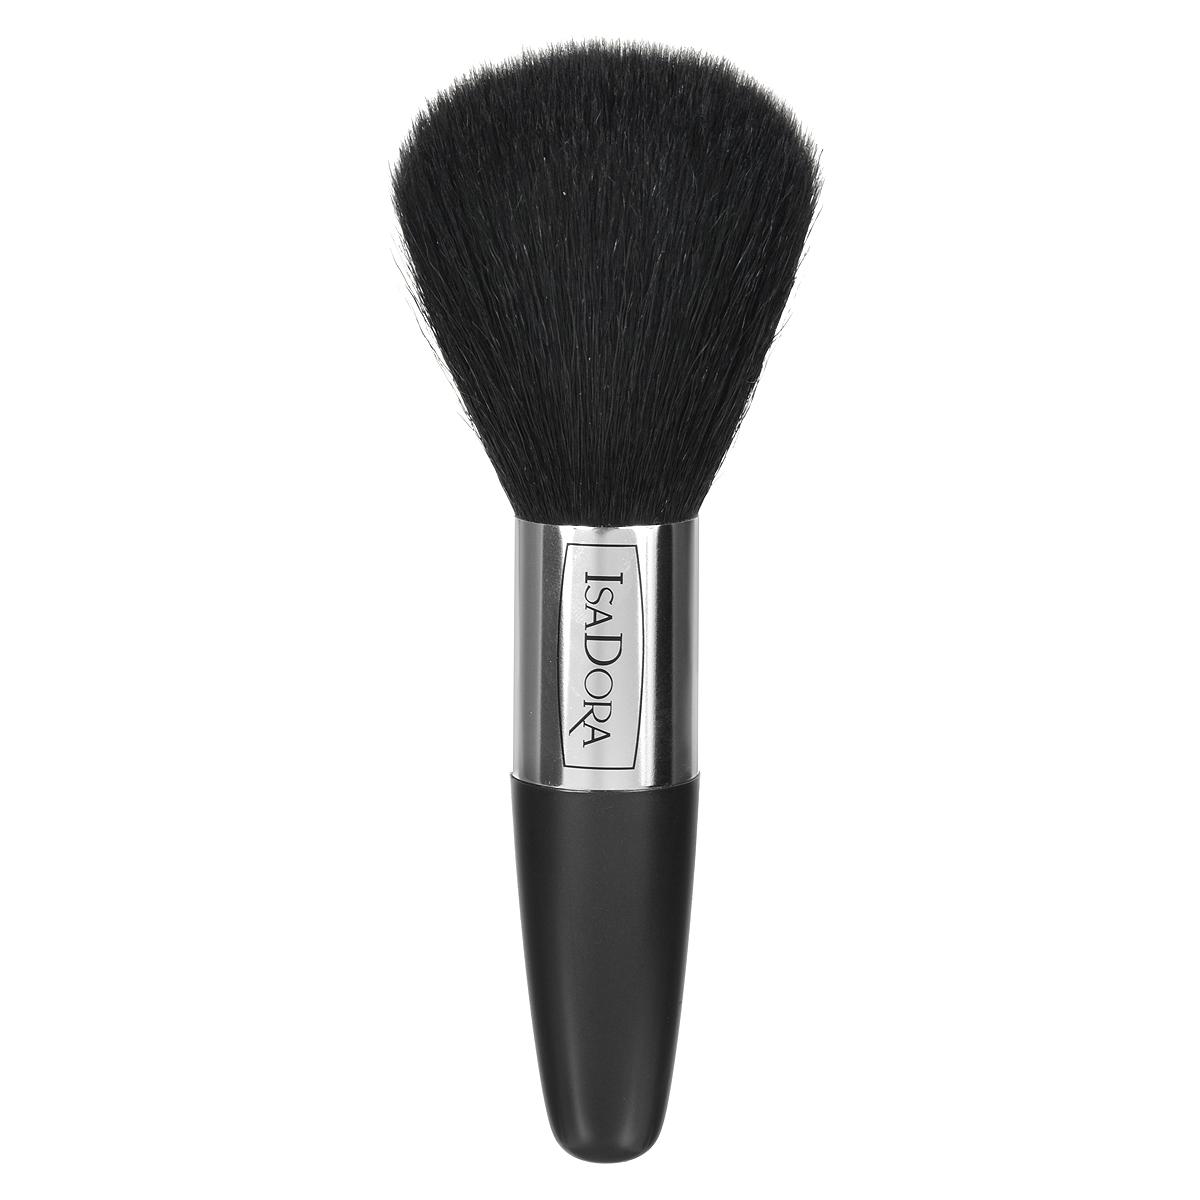 Isa Dora Кисть для бронзирующей пудры Bronzing Powder Brush1301210Кисть Isa Dora Bronzing Powder Brush - большая, округлой формы с удобной толстой ручкой, подходит для нанесения компактной и рассыпчатой пудры. Кисть позволяет корректировать макияж в течение дня, обеспечивает безупречное распределение пудры на коже, комфортное, аккуратное и равномерное нанесение. Кисть изготовлена из 100% натурального ворса, стерилизованного в процессе производства. Основная поверхность кисти имеет округлую форму, каждый волосок скруглен и не повреждает нежную кожу лица. Ручка кисти сделана из высококачественного пластика.Товар сертифицирован.